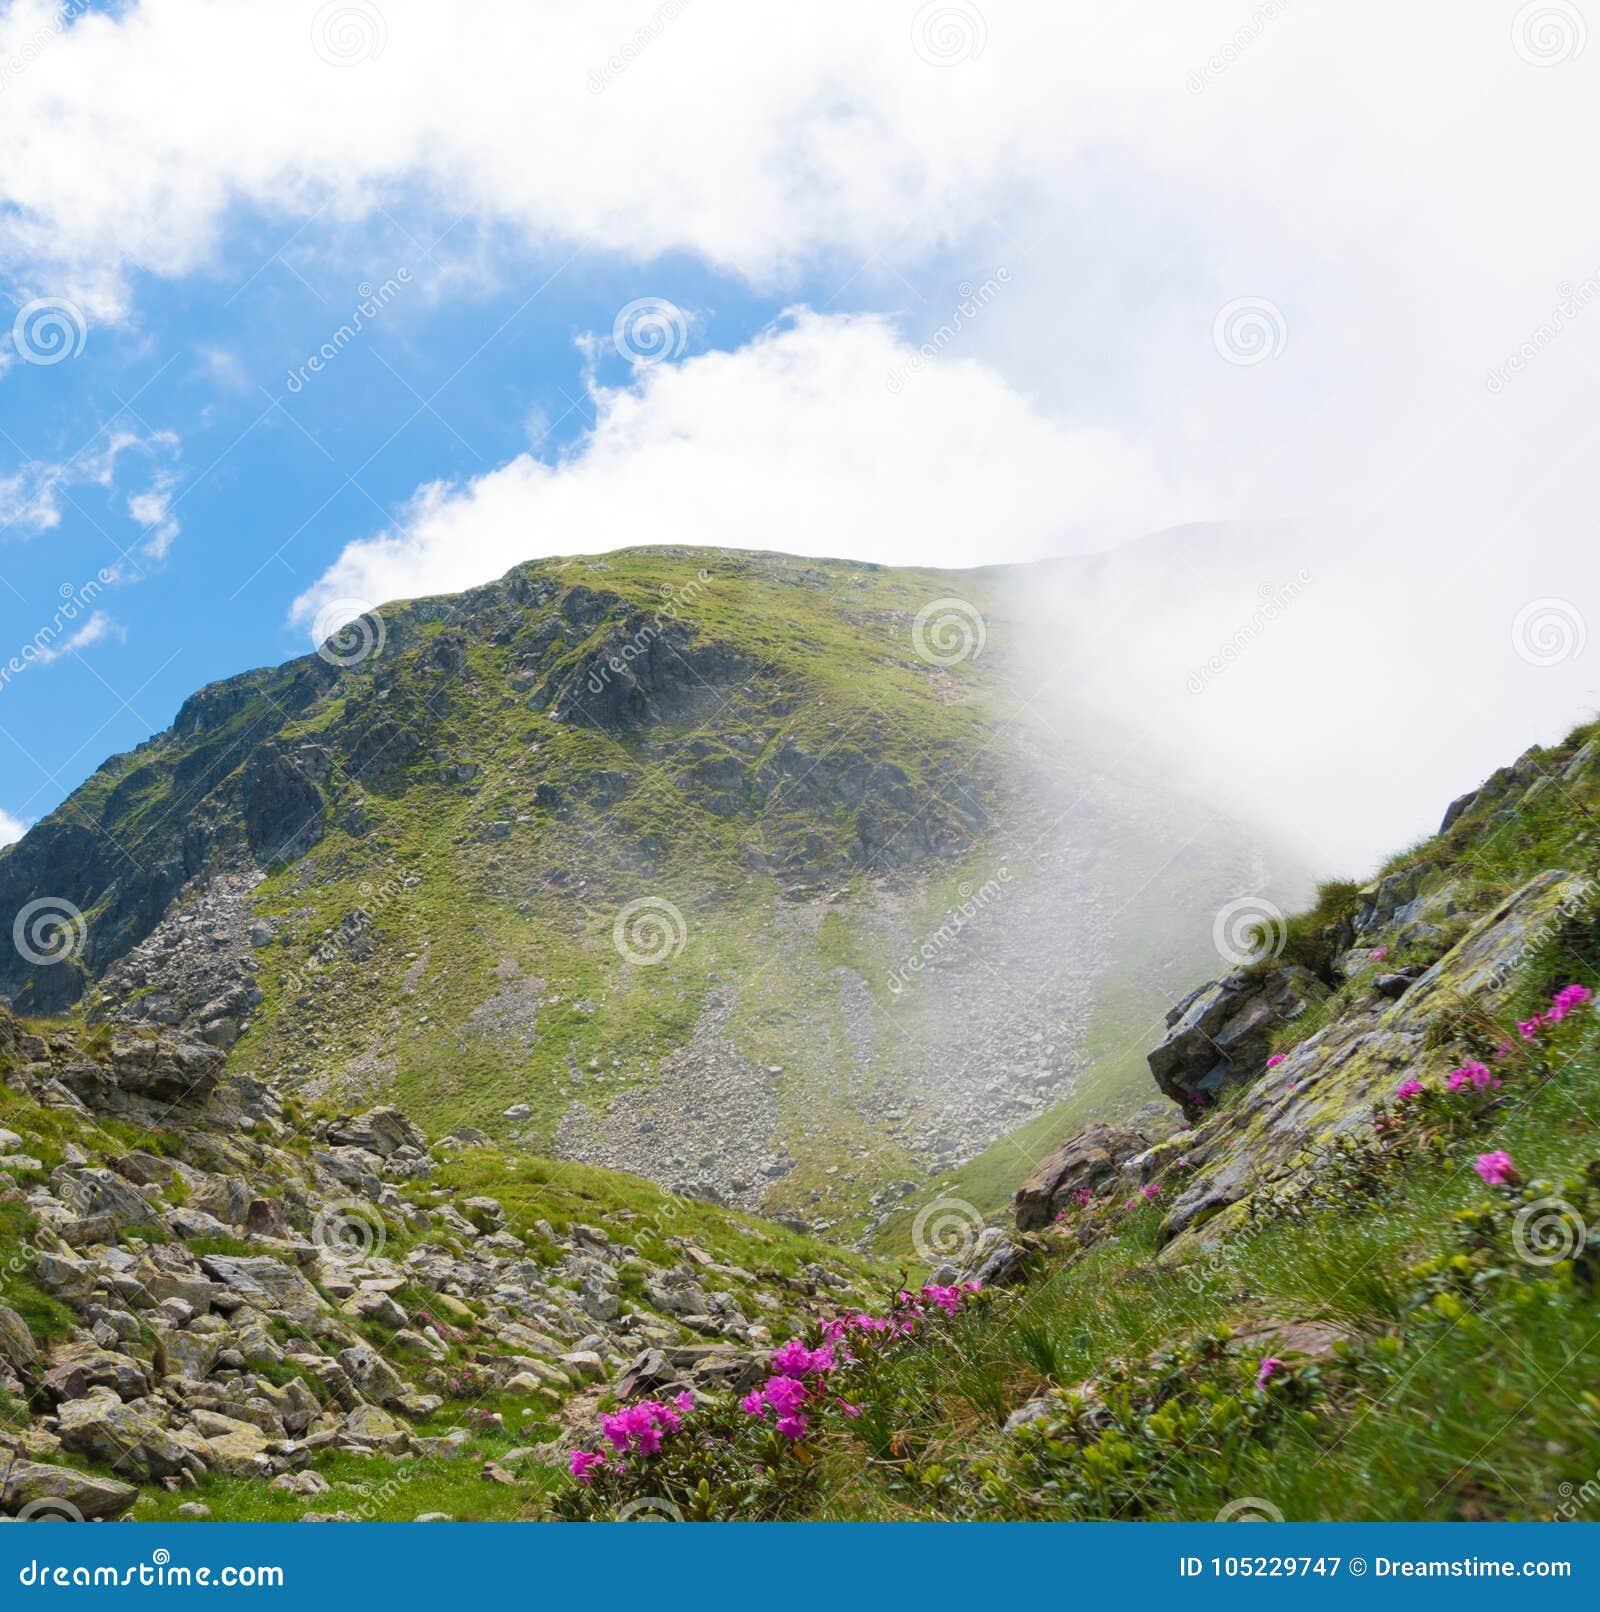 De zomerlandschap met rotsachtige bergen en mooie wilde bloemen in de ochtendmist